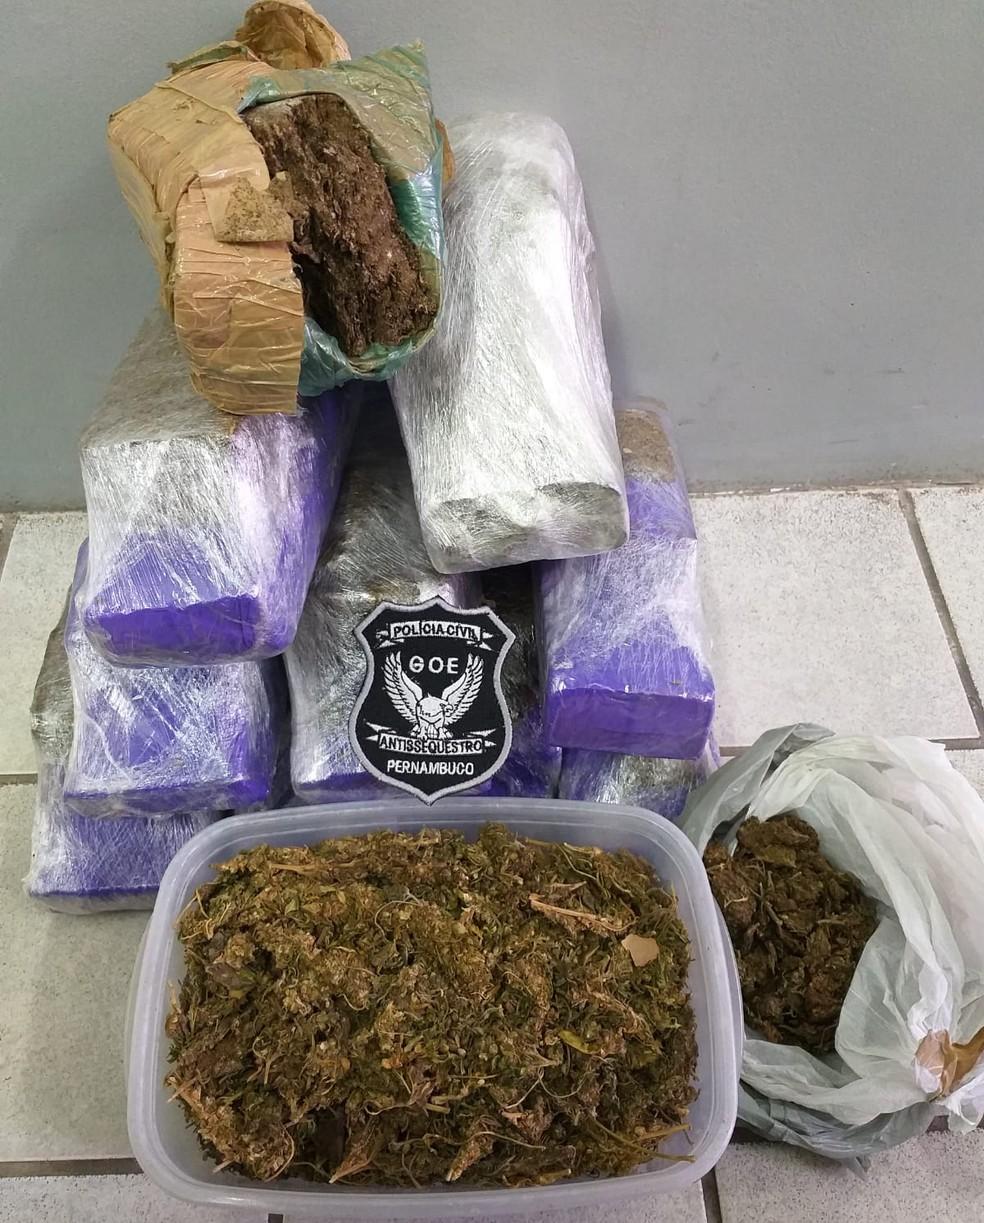 Quase nove quilos de maconha foram apreendidos durante a Operação Áquila, deflagrada nesta quinta-feira (14) — Foto: Polícia Civil/Divulgação